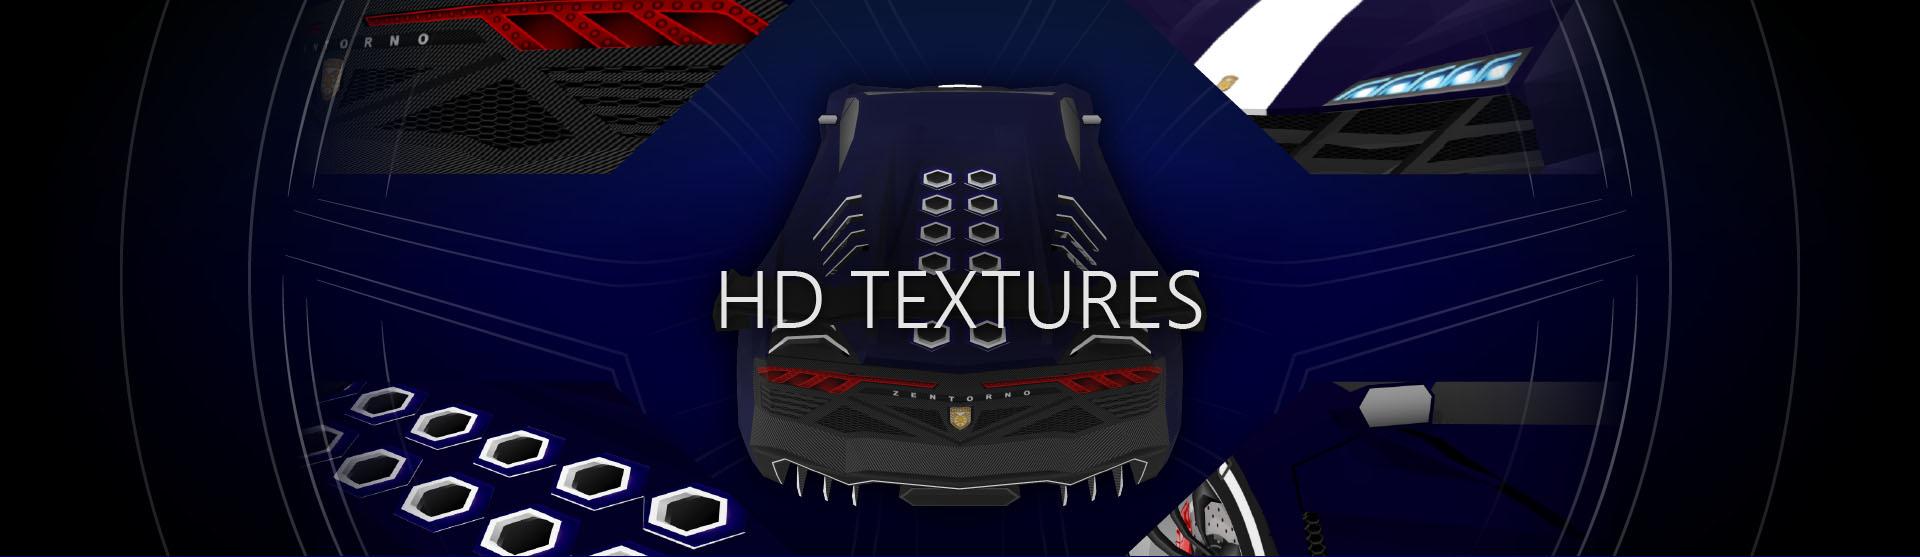 ZENTORNO Download Textures